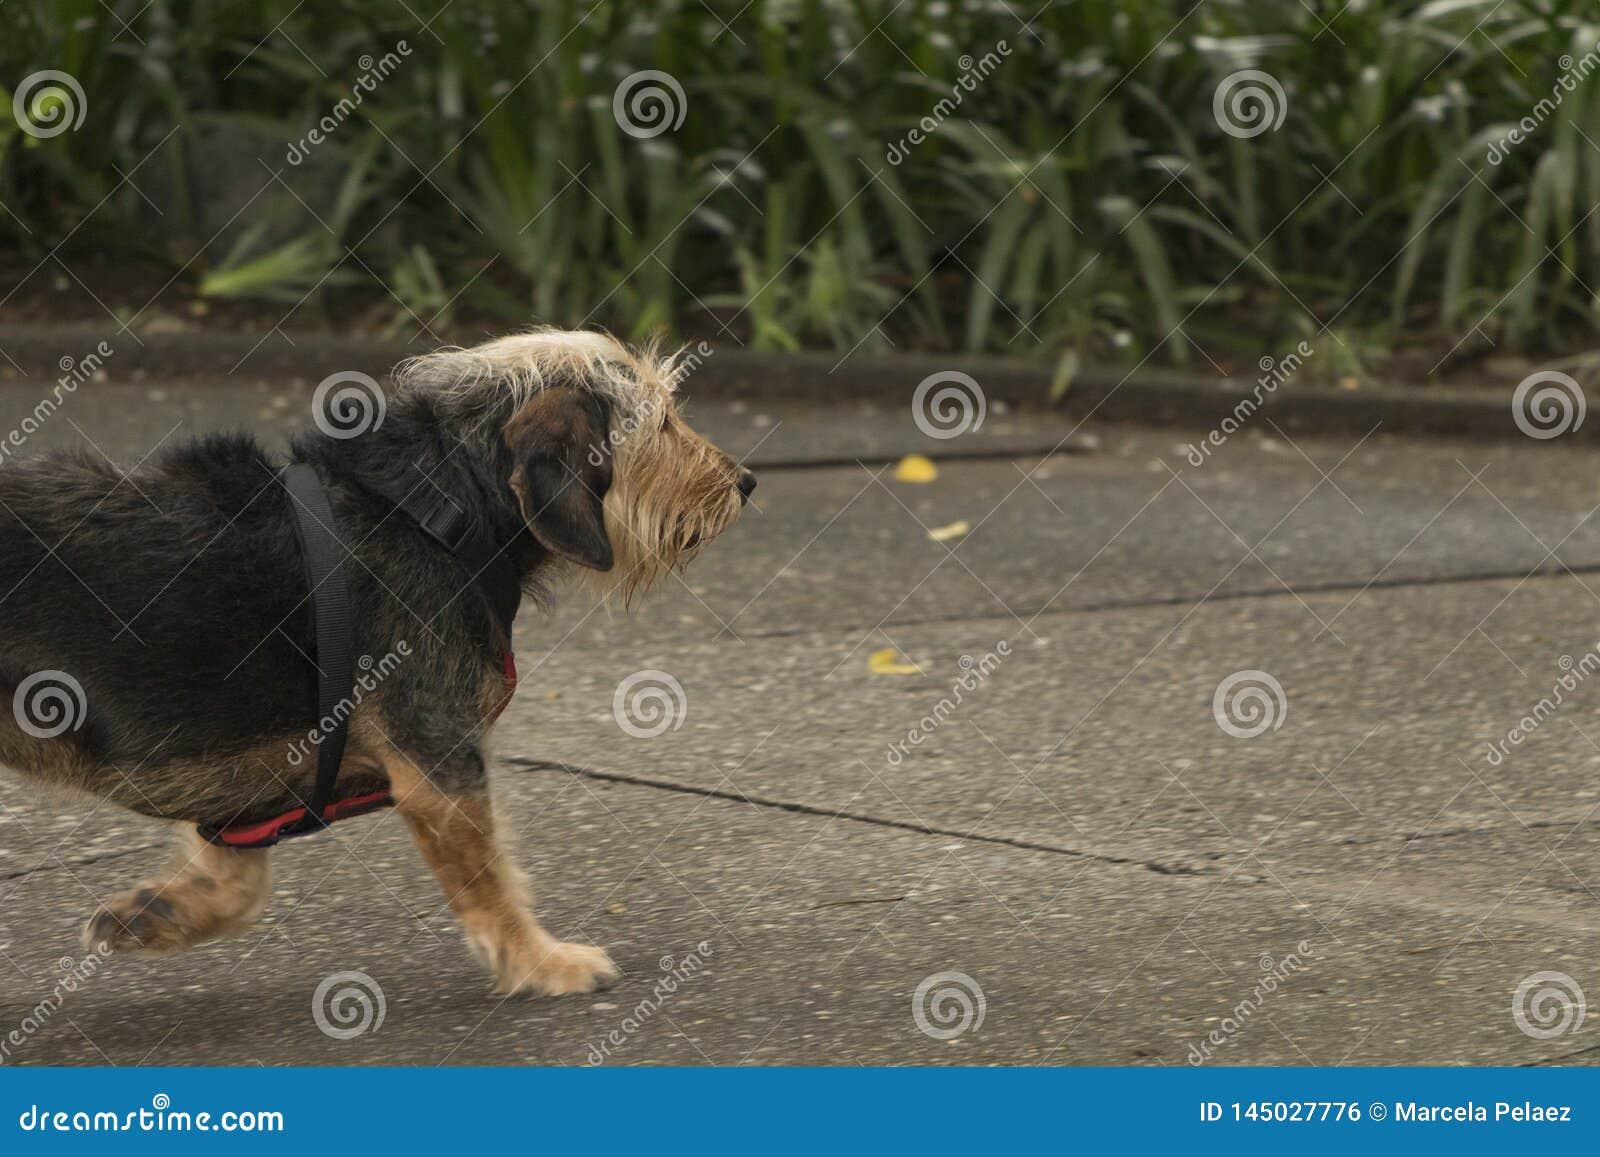 Μαύρο τριχωτό σκυλί που περπατά μόνο